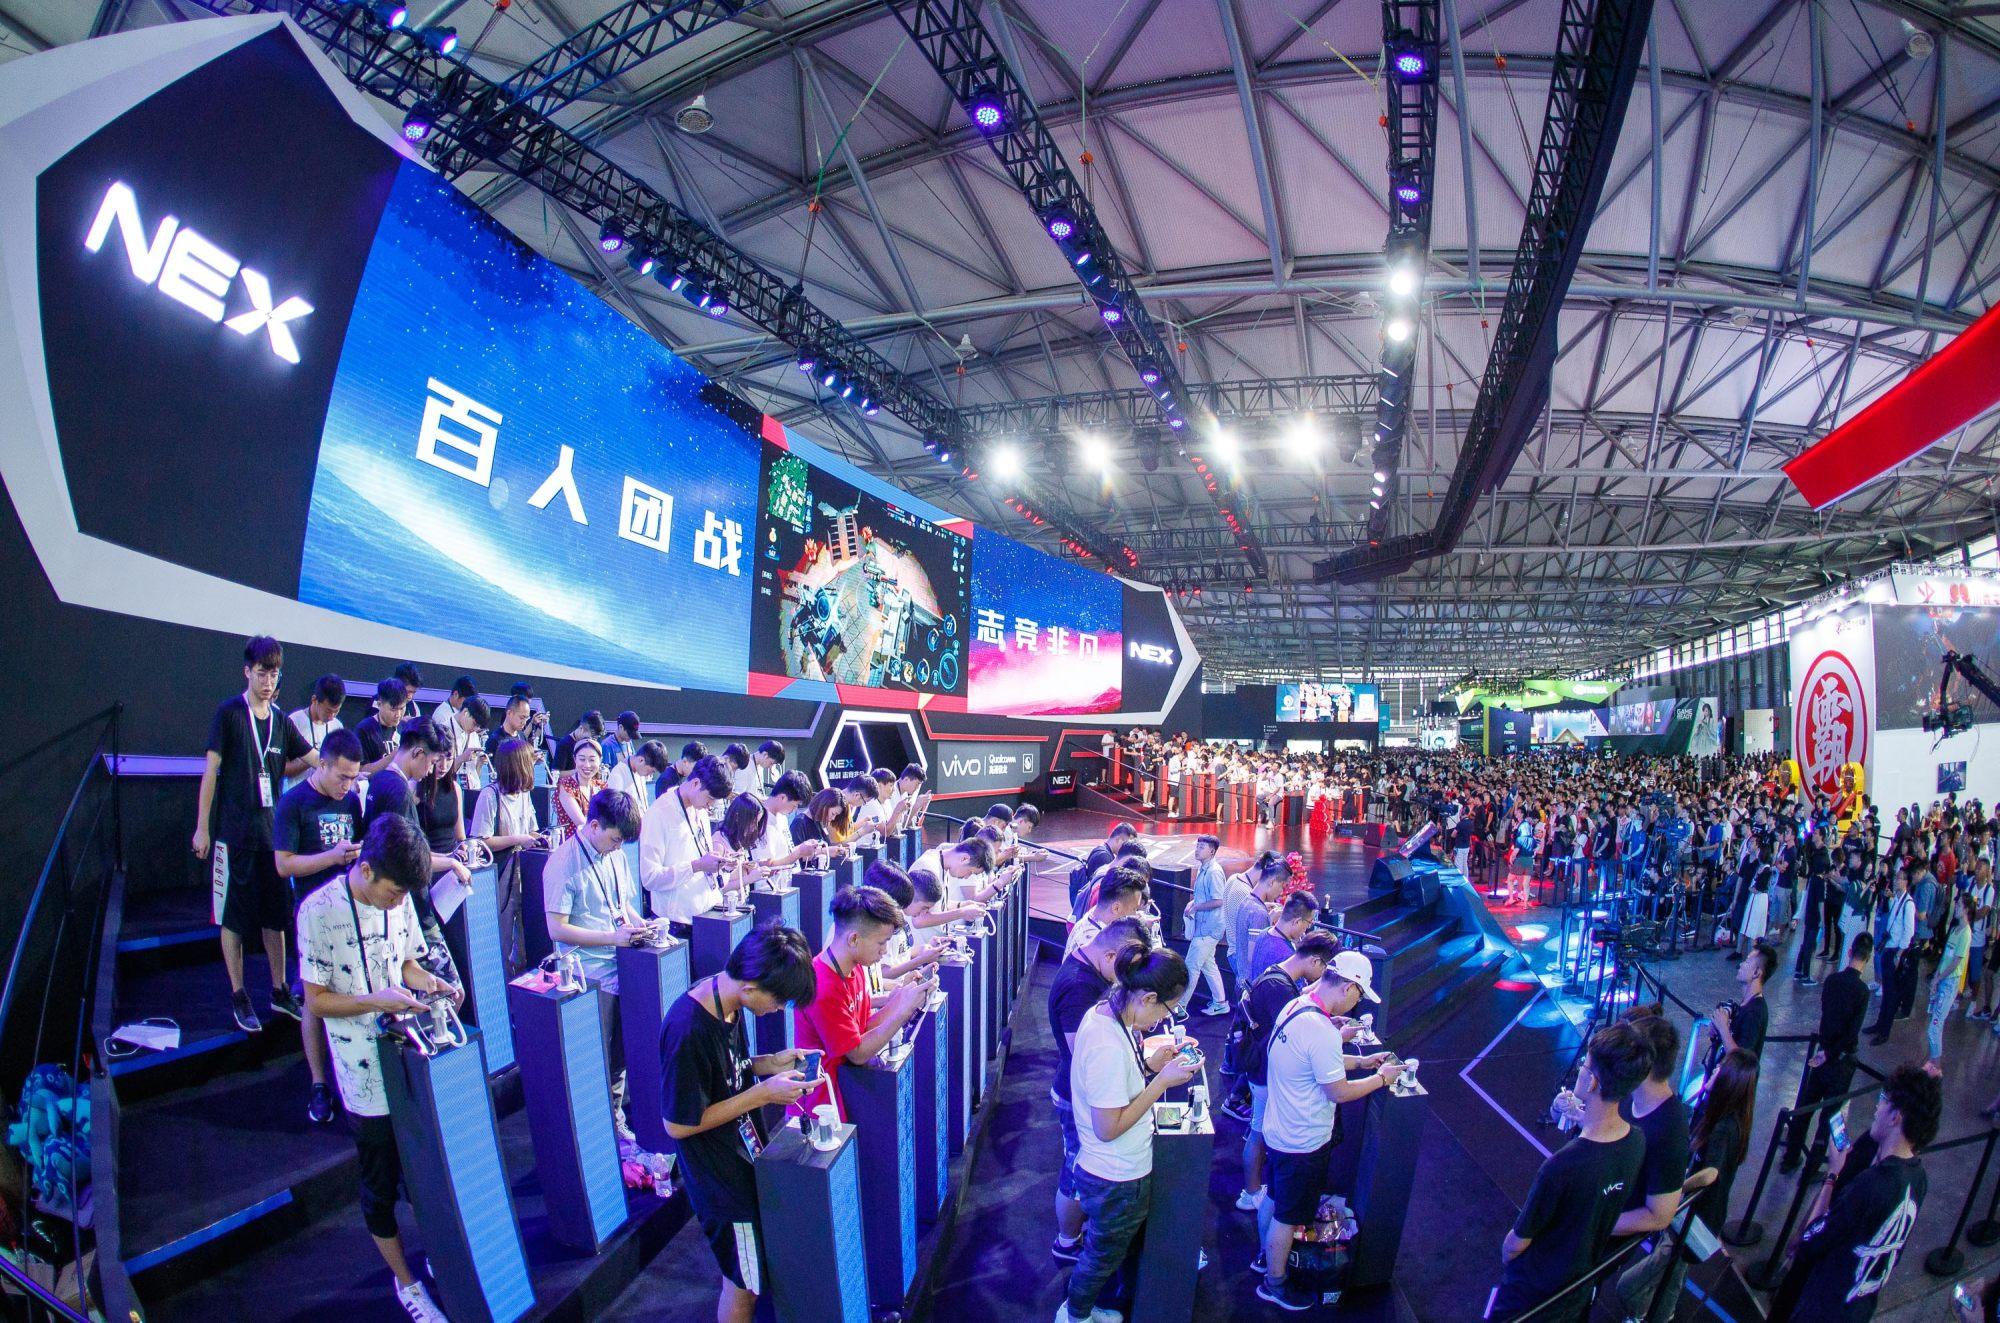 前线 | vivo举办百人手游团战,强调NEX的电竞级游戏体验